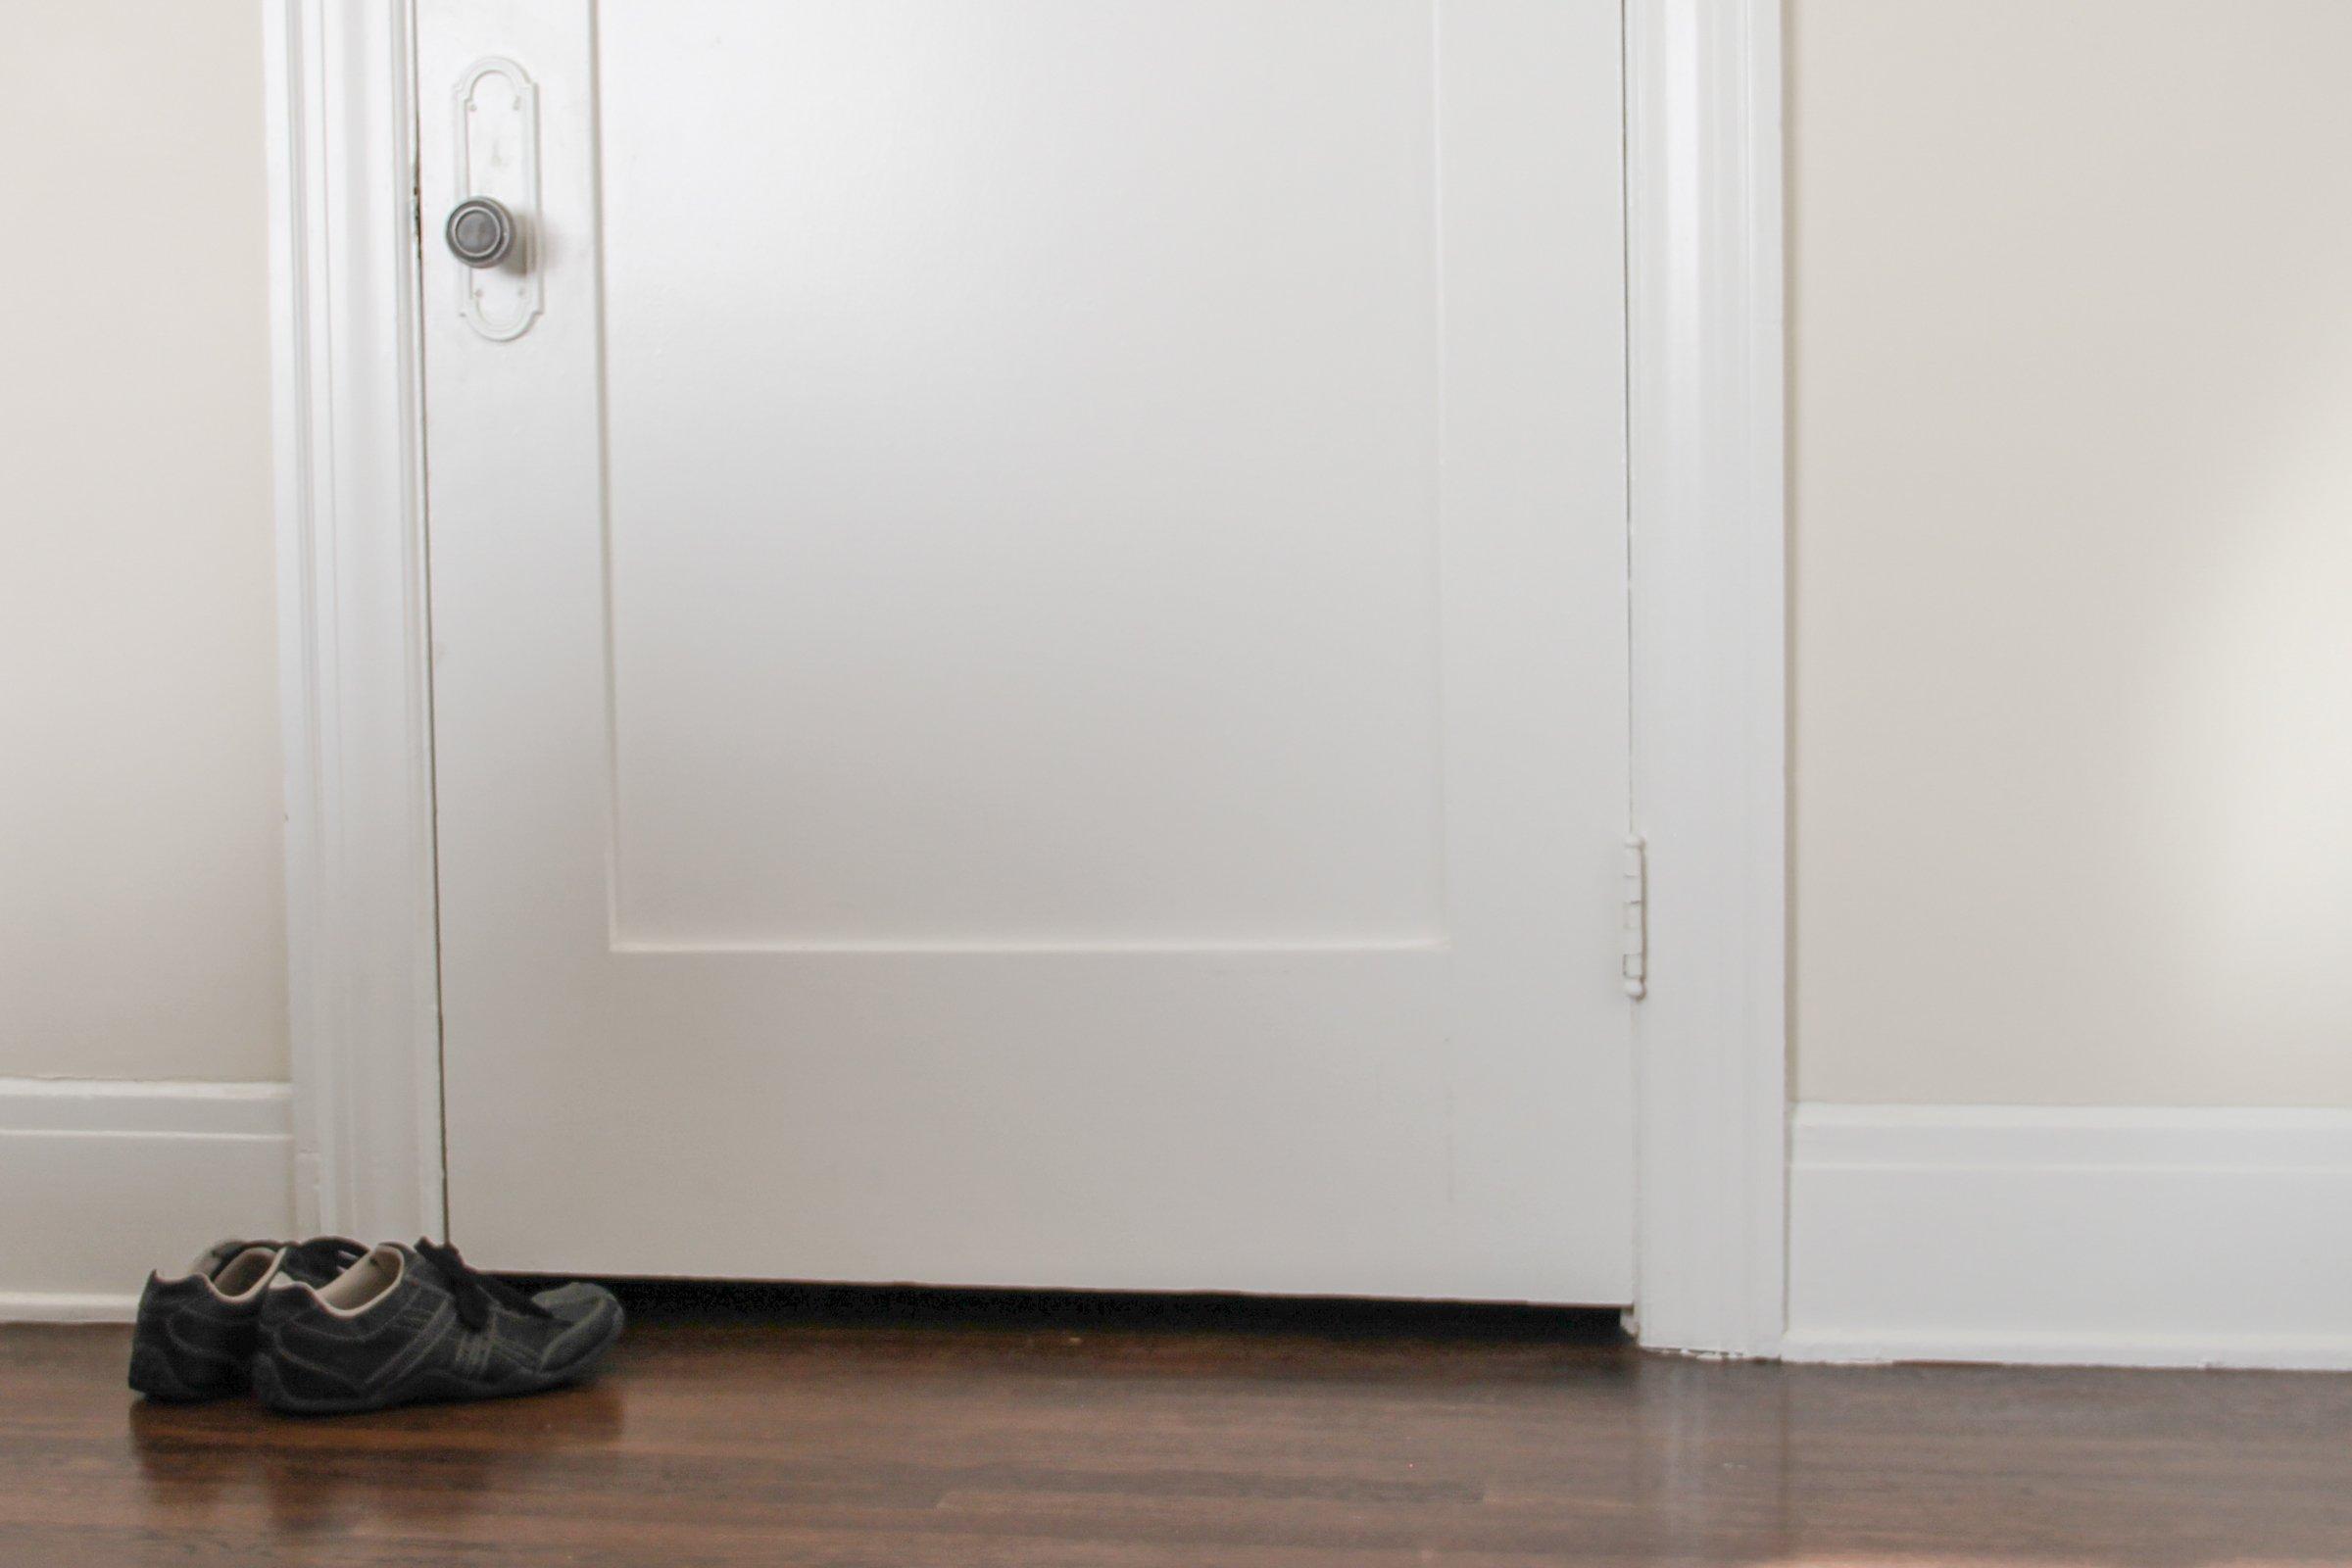 Shoes on Floor by Door